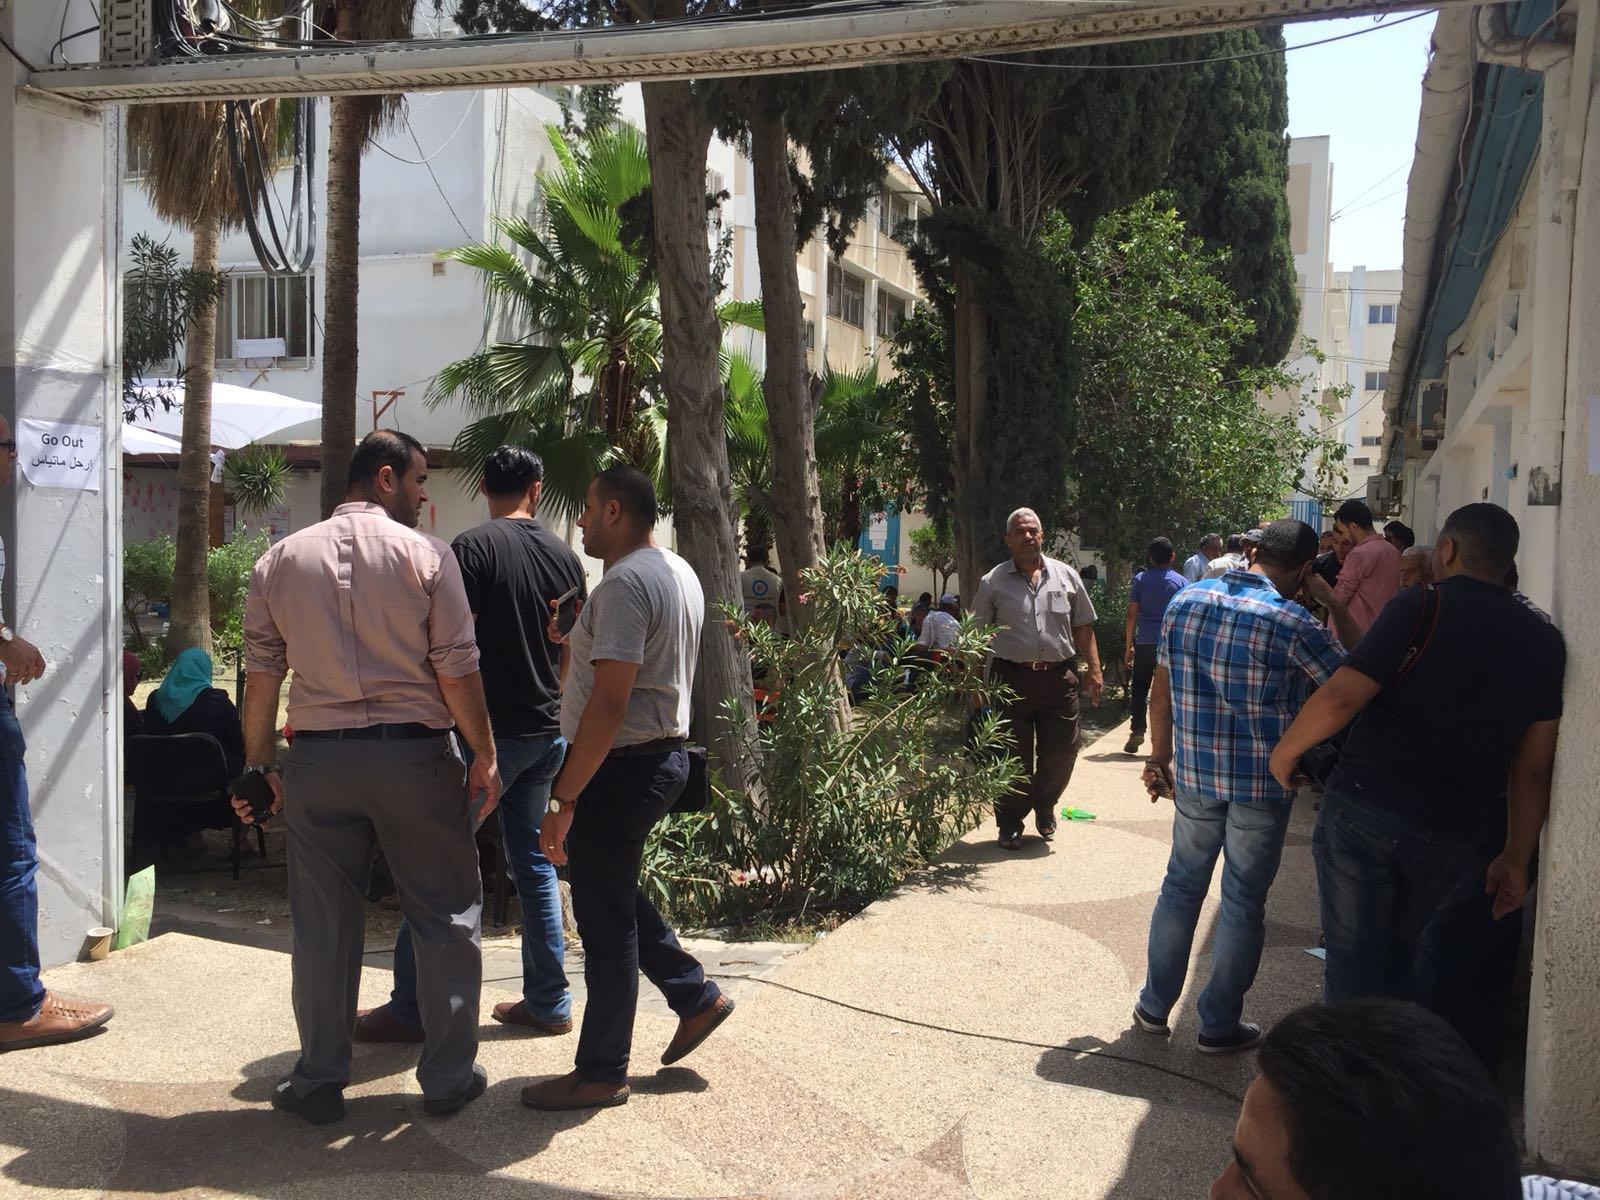 الأونروا تُنهي عمل 125 موظفًا نهائيًا والمئات جزئيًا بغزّة